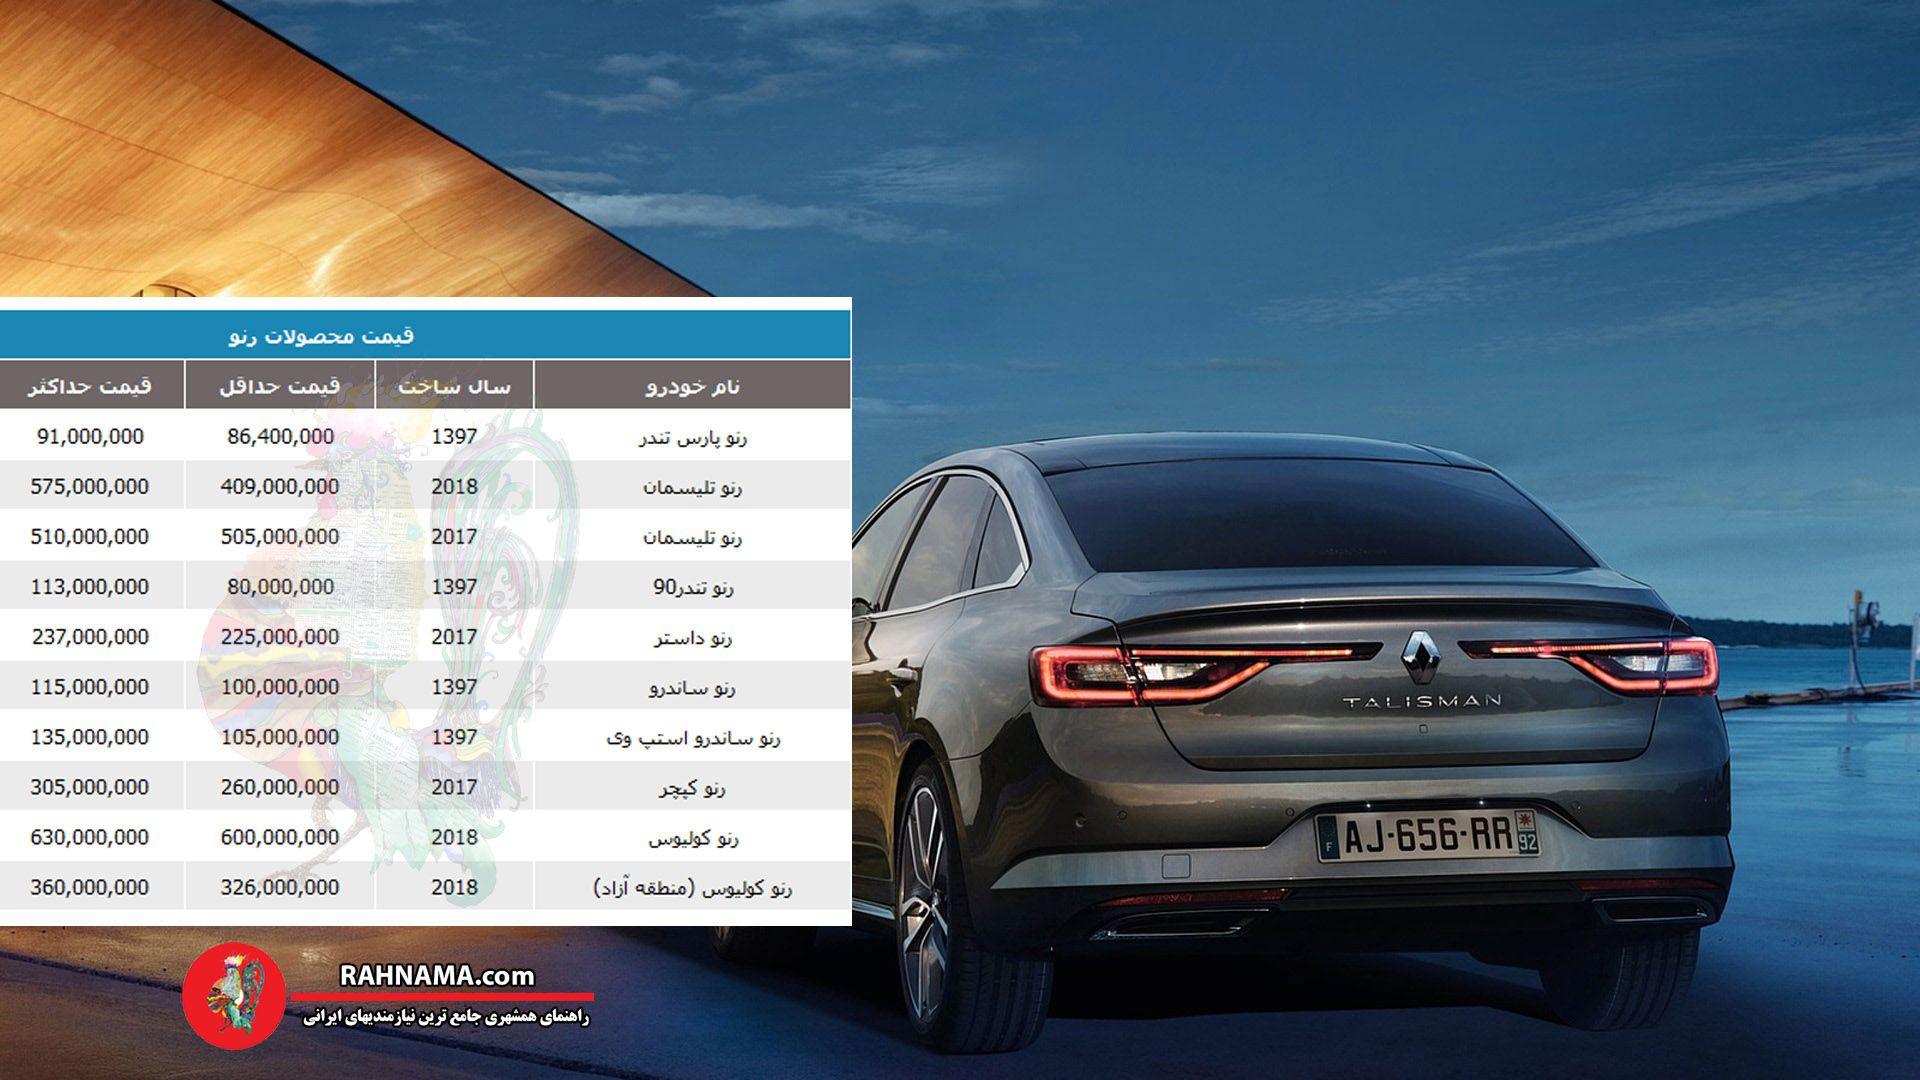 قیمت روز انواع خودروهای محصولات رنو 5 آذرماه